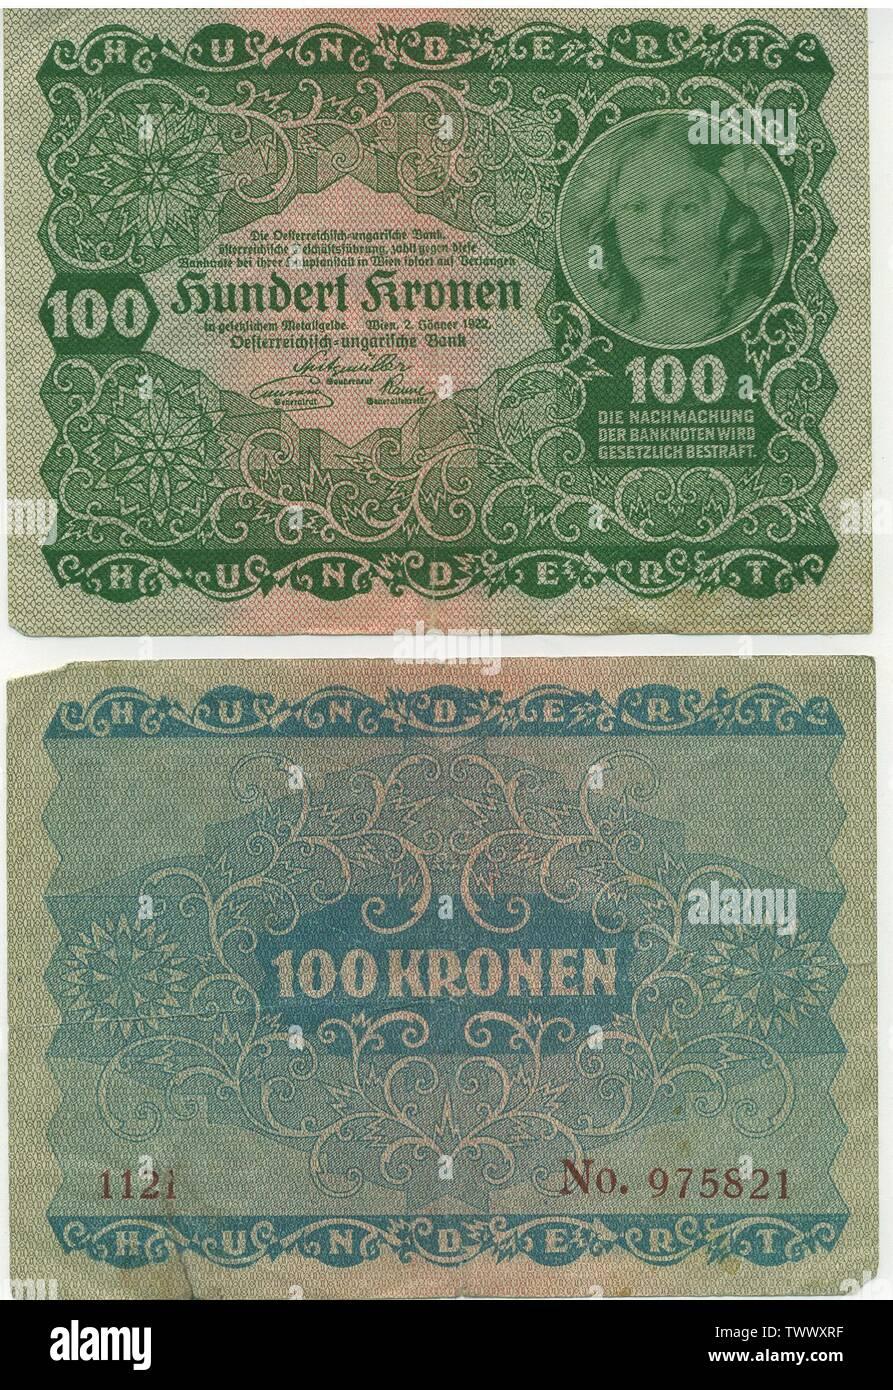 Austrian banknote 100 Kronen (1922) Österreichische Banknote von 1922 über 100 Kronen. - nicht mehr in Ungarn verwendbar.; 2 January 1922; Self-scanned; Österreichisch-Ungarischen Bank, österreichische Geschäftsführung; Stock Photo